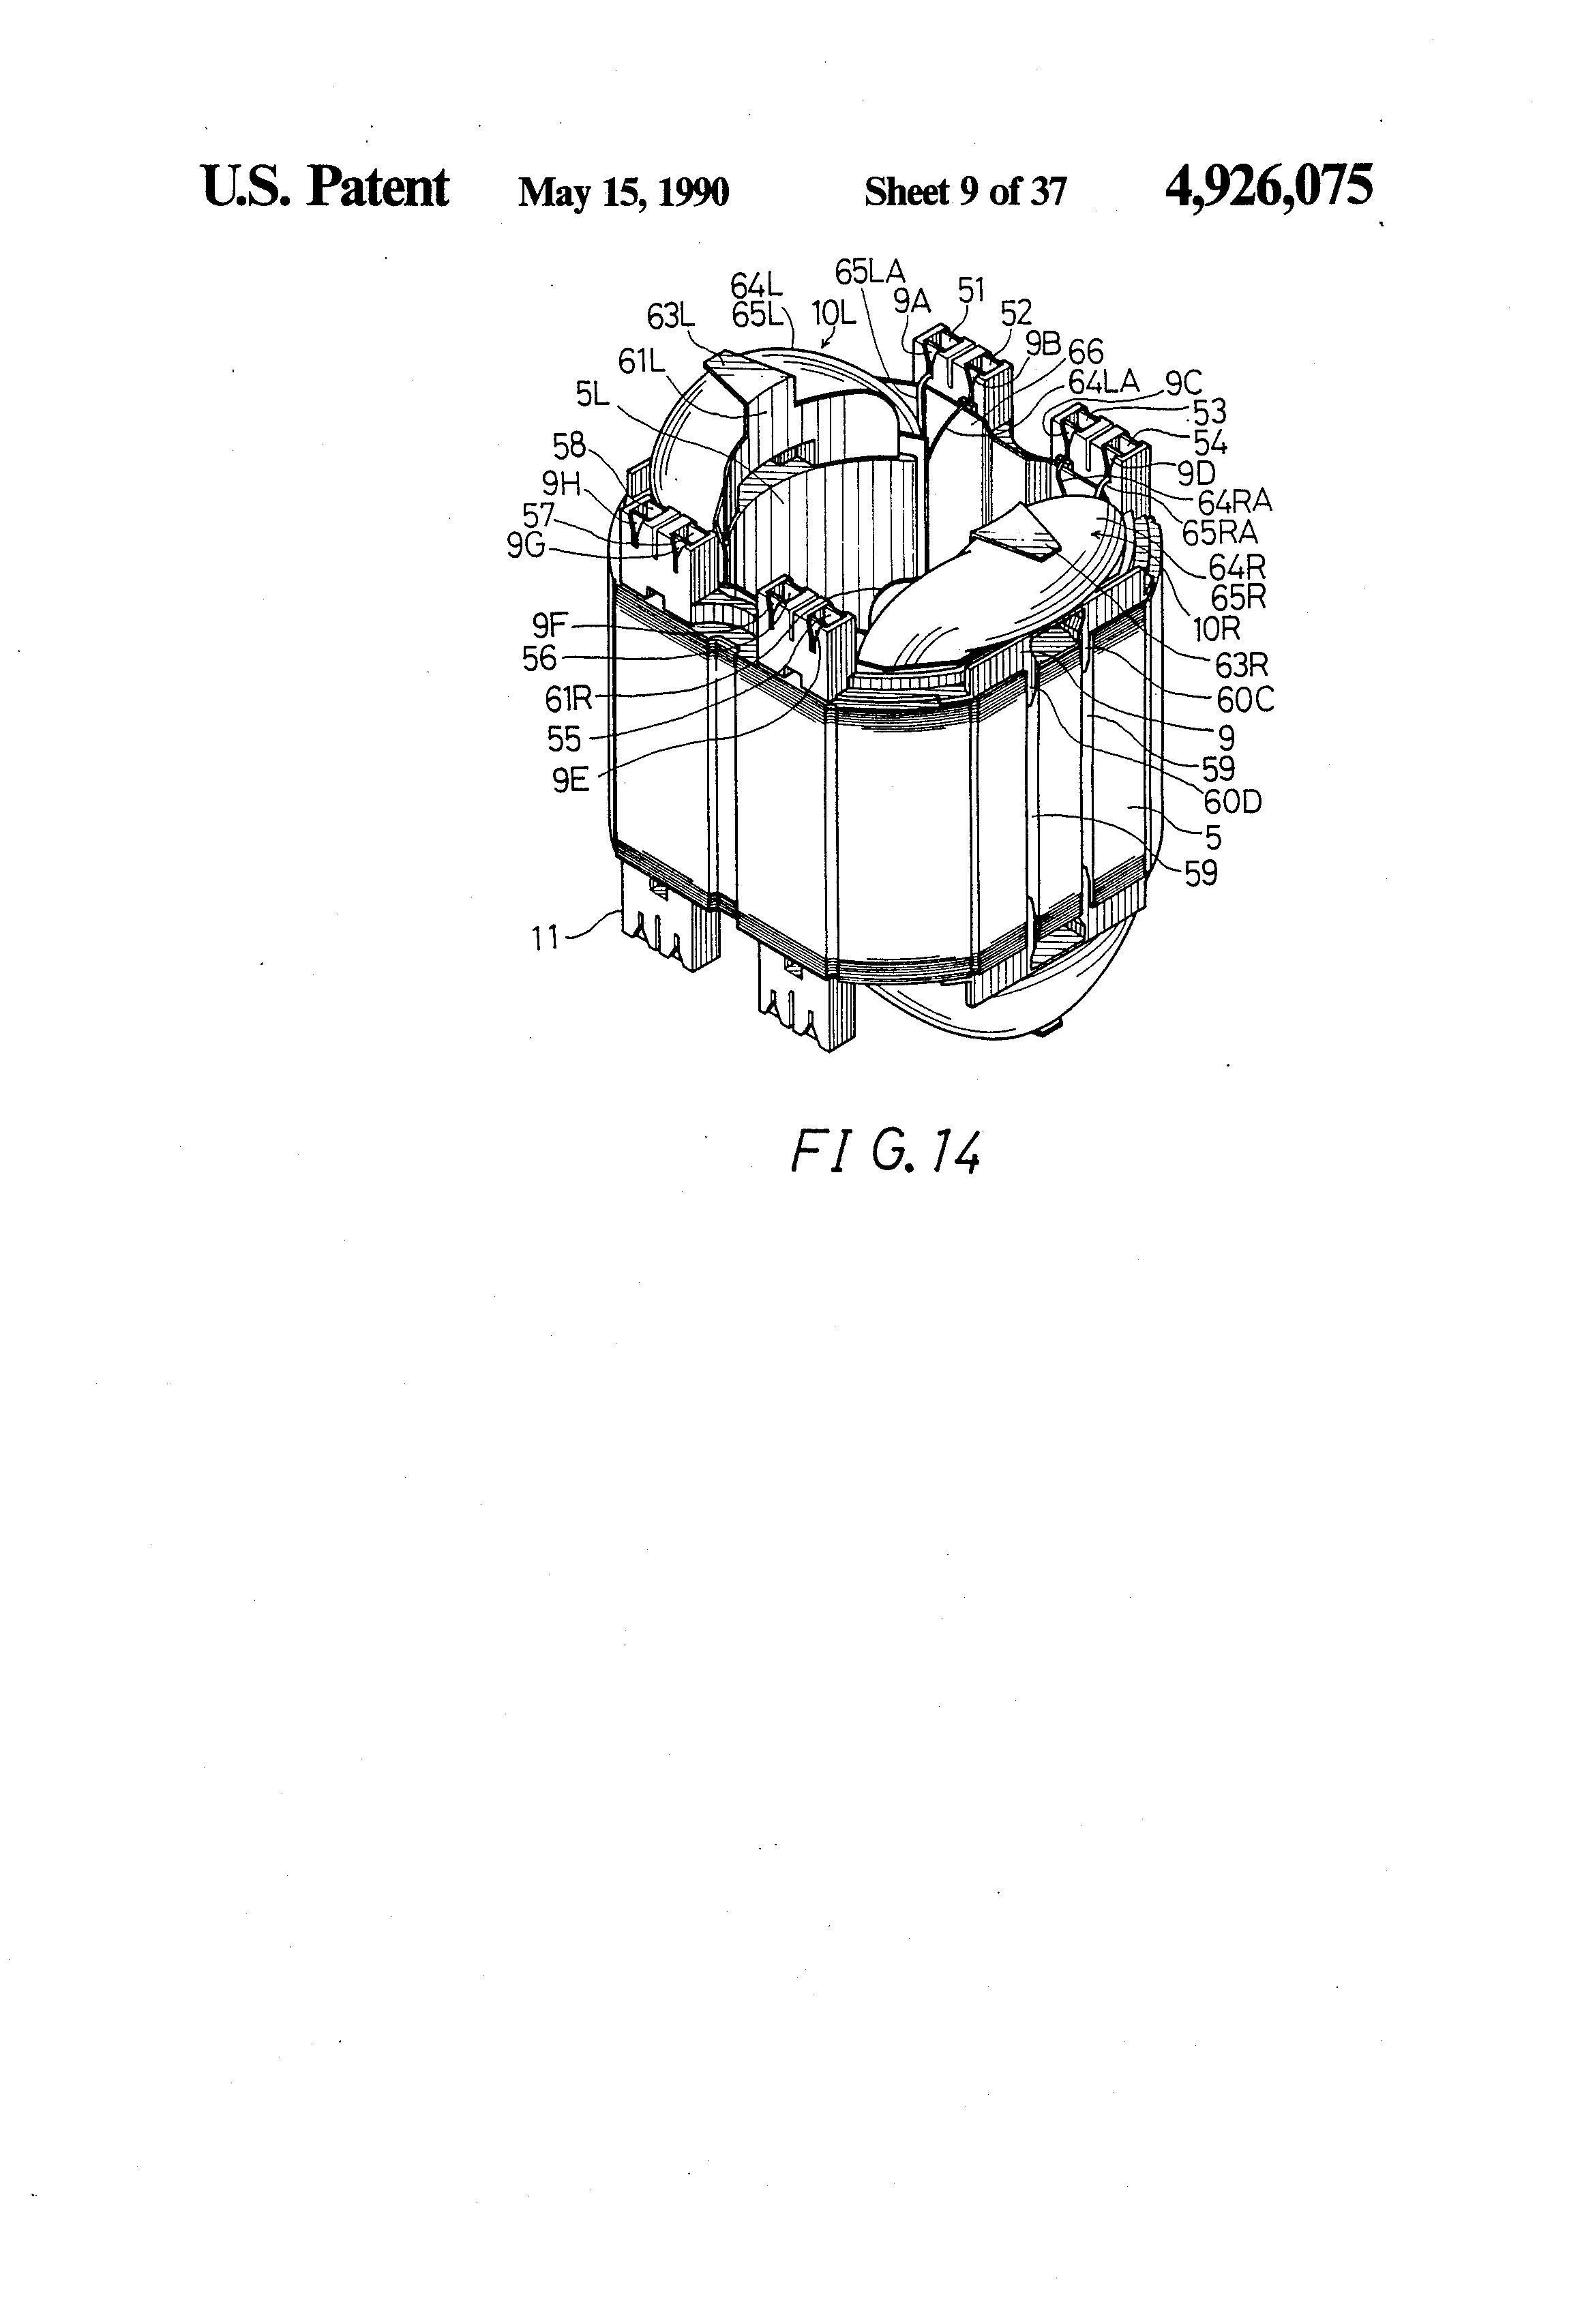 electric motor brush diagram. Patent Drawing Electric Motor Brush Diagram L